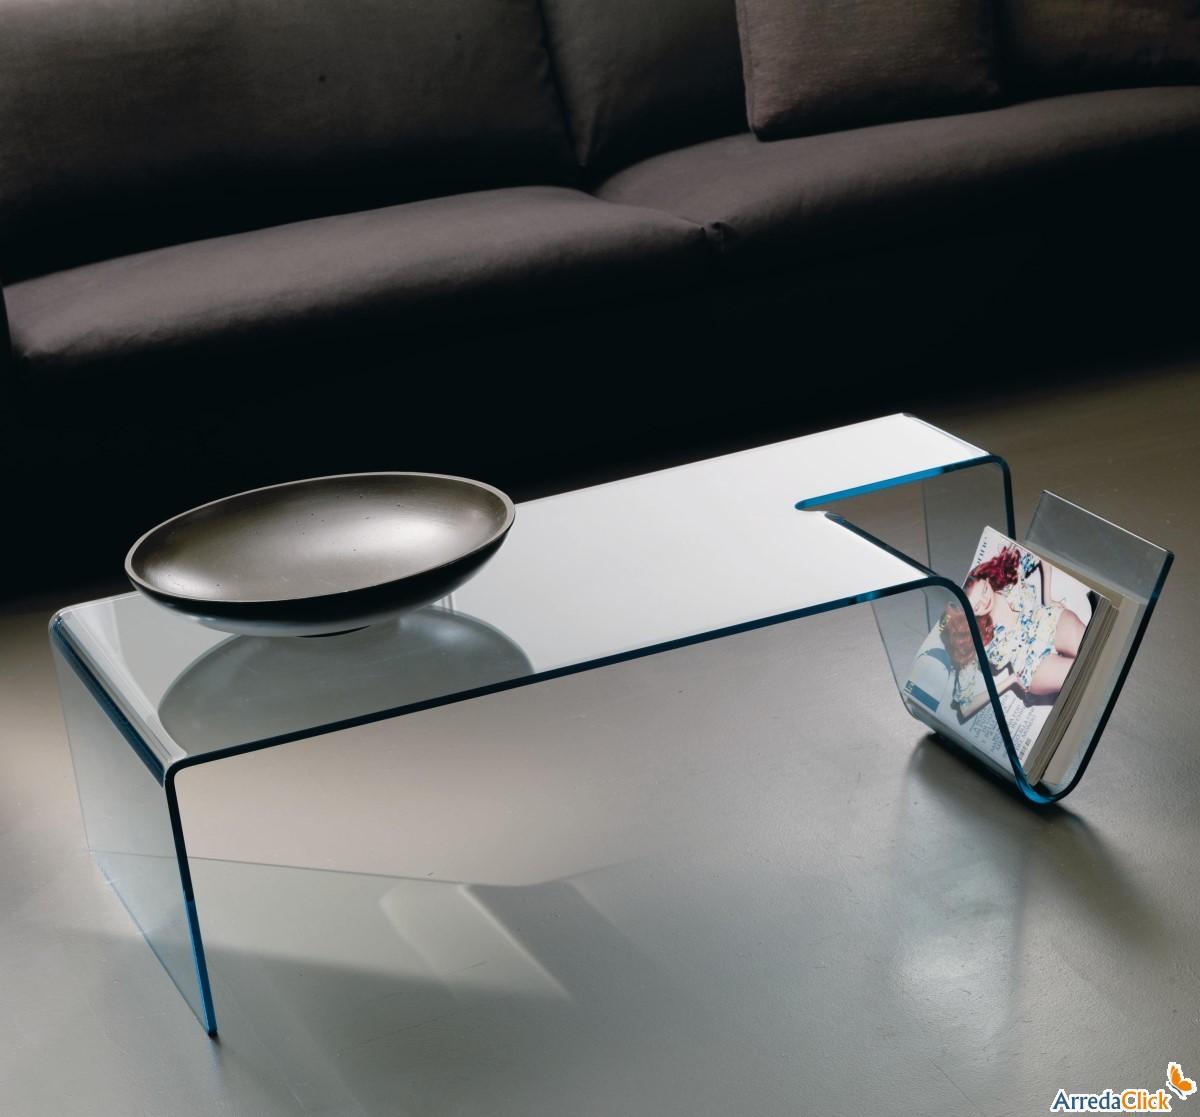 ArredaClick - Il blog sullarredamento italiano online: Tavolini da salot...